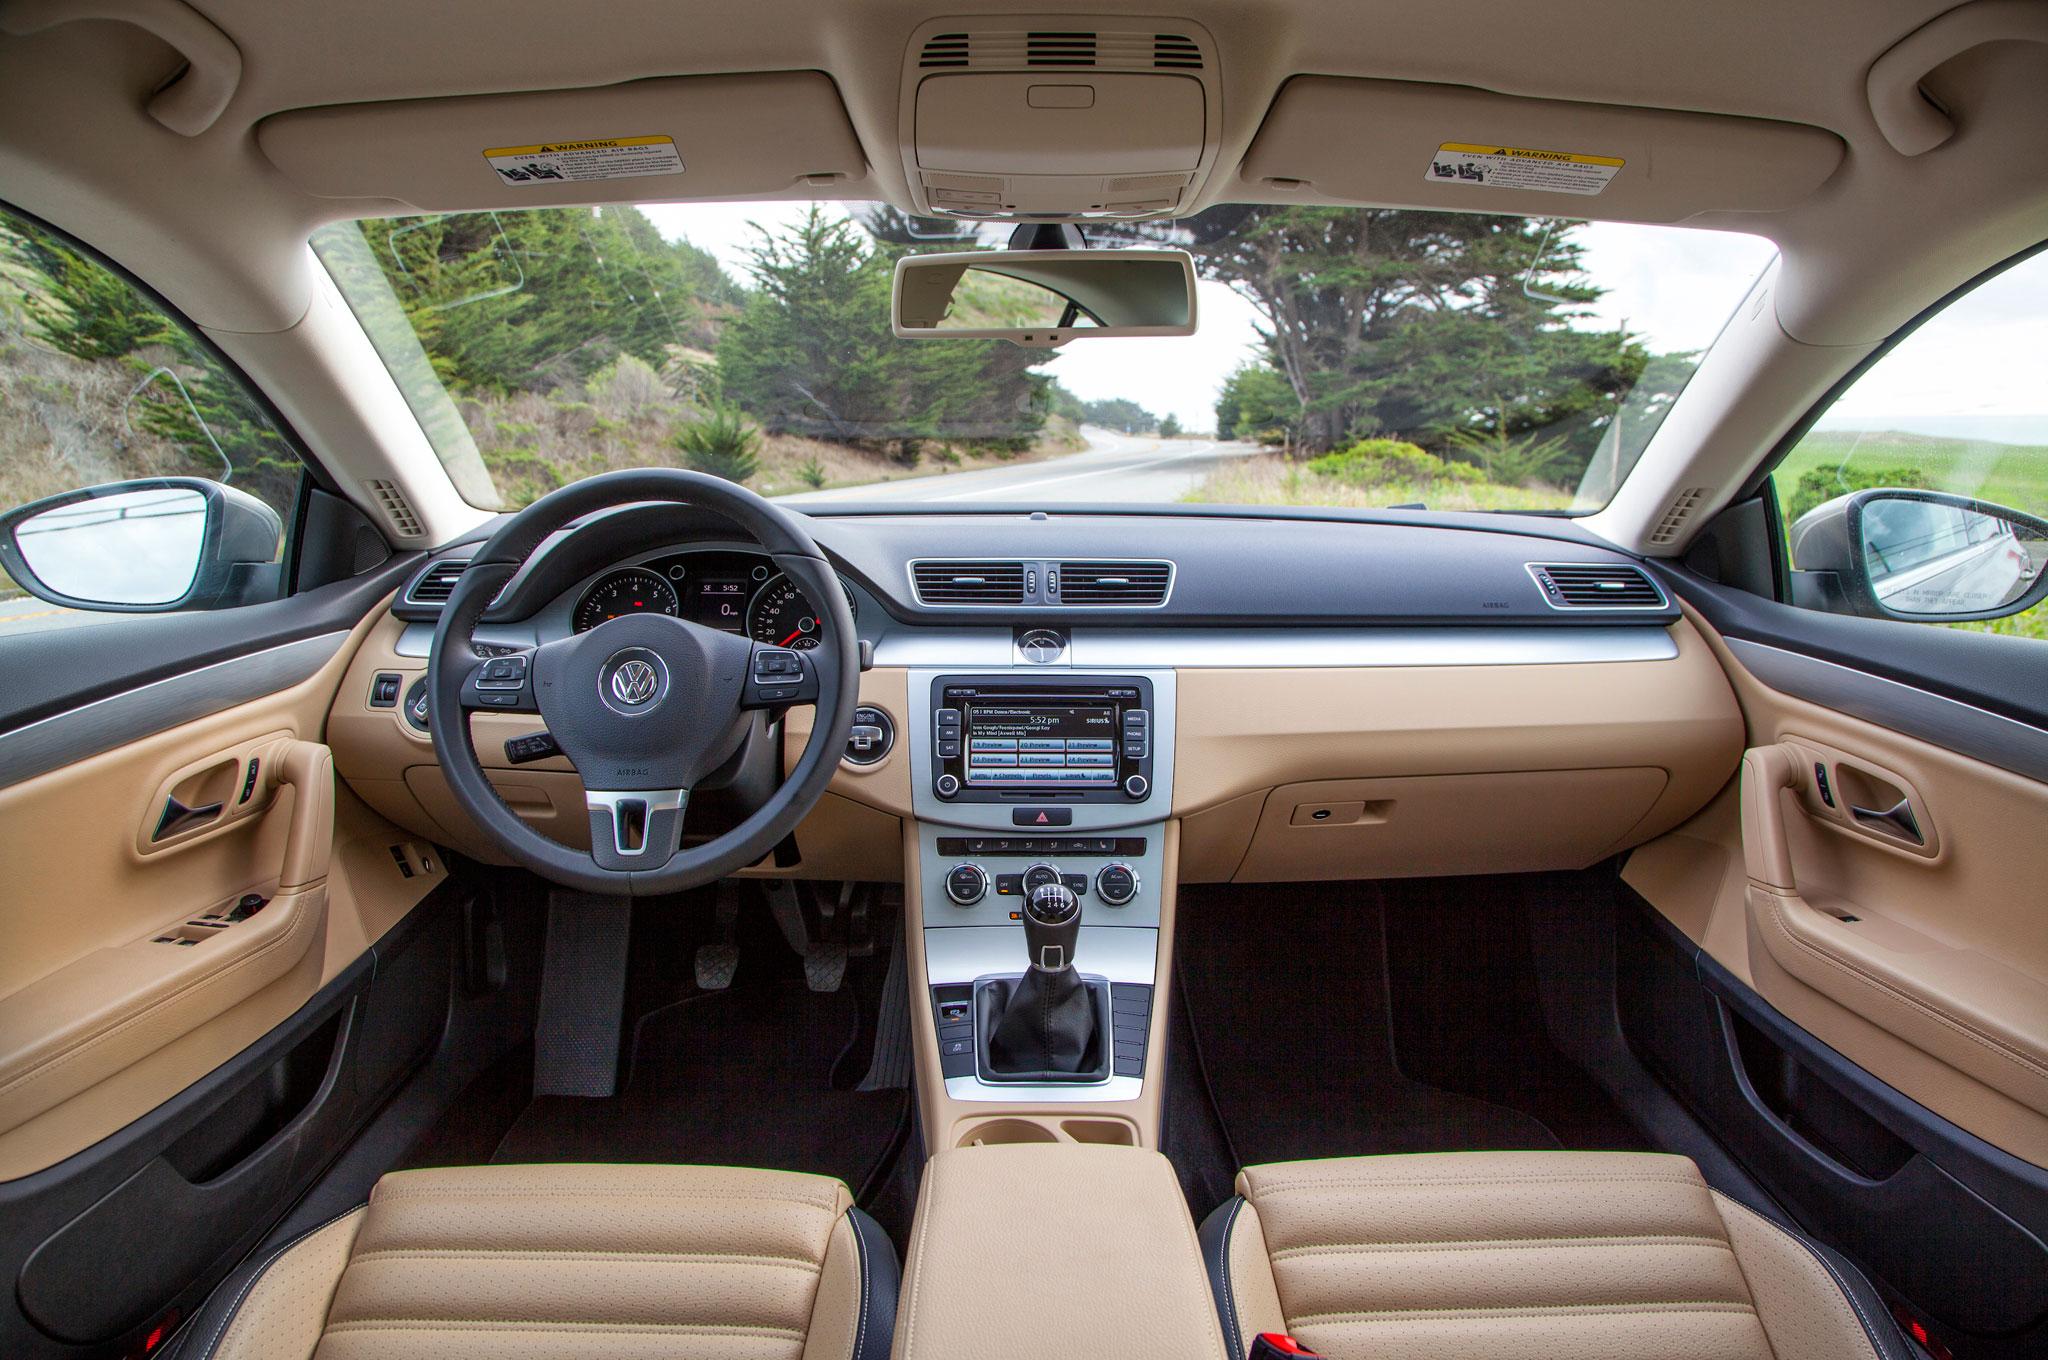 2013 Volkswagen CC. 4|75